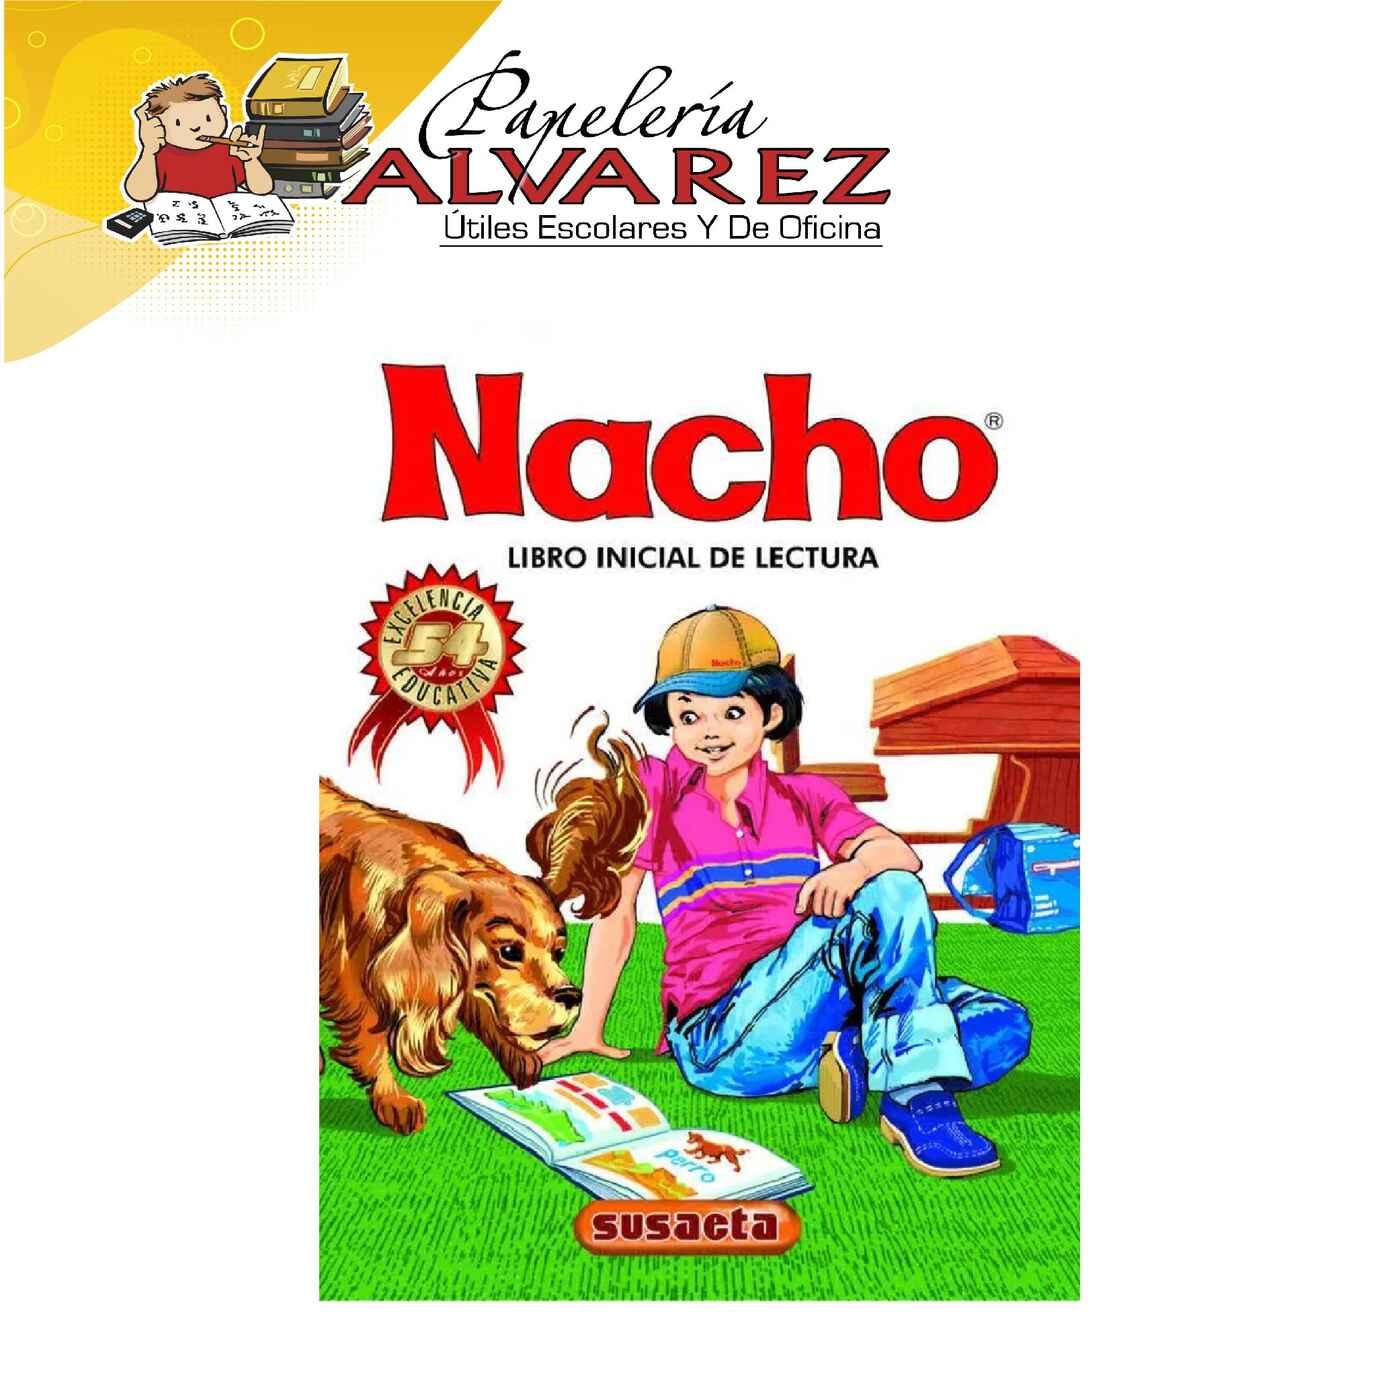 CARTILLA NACHO INICIAL